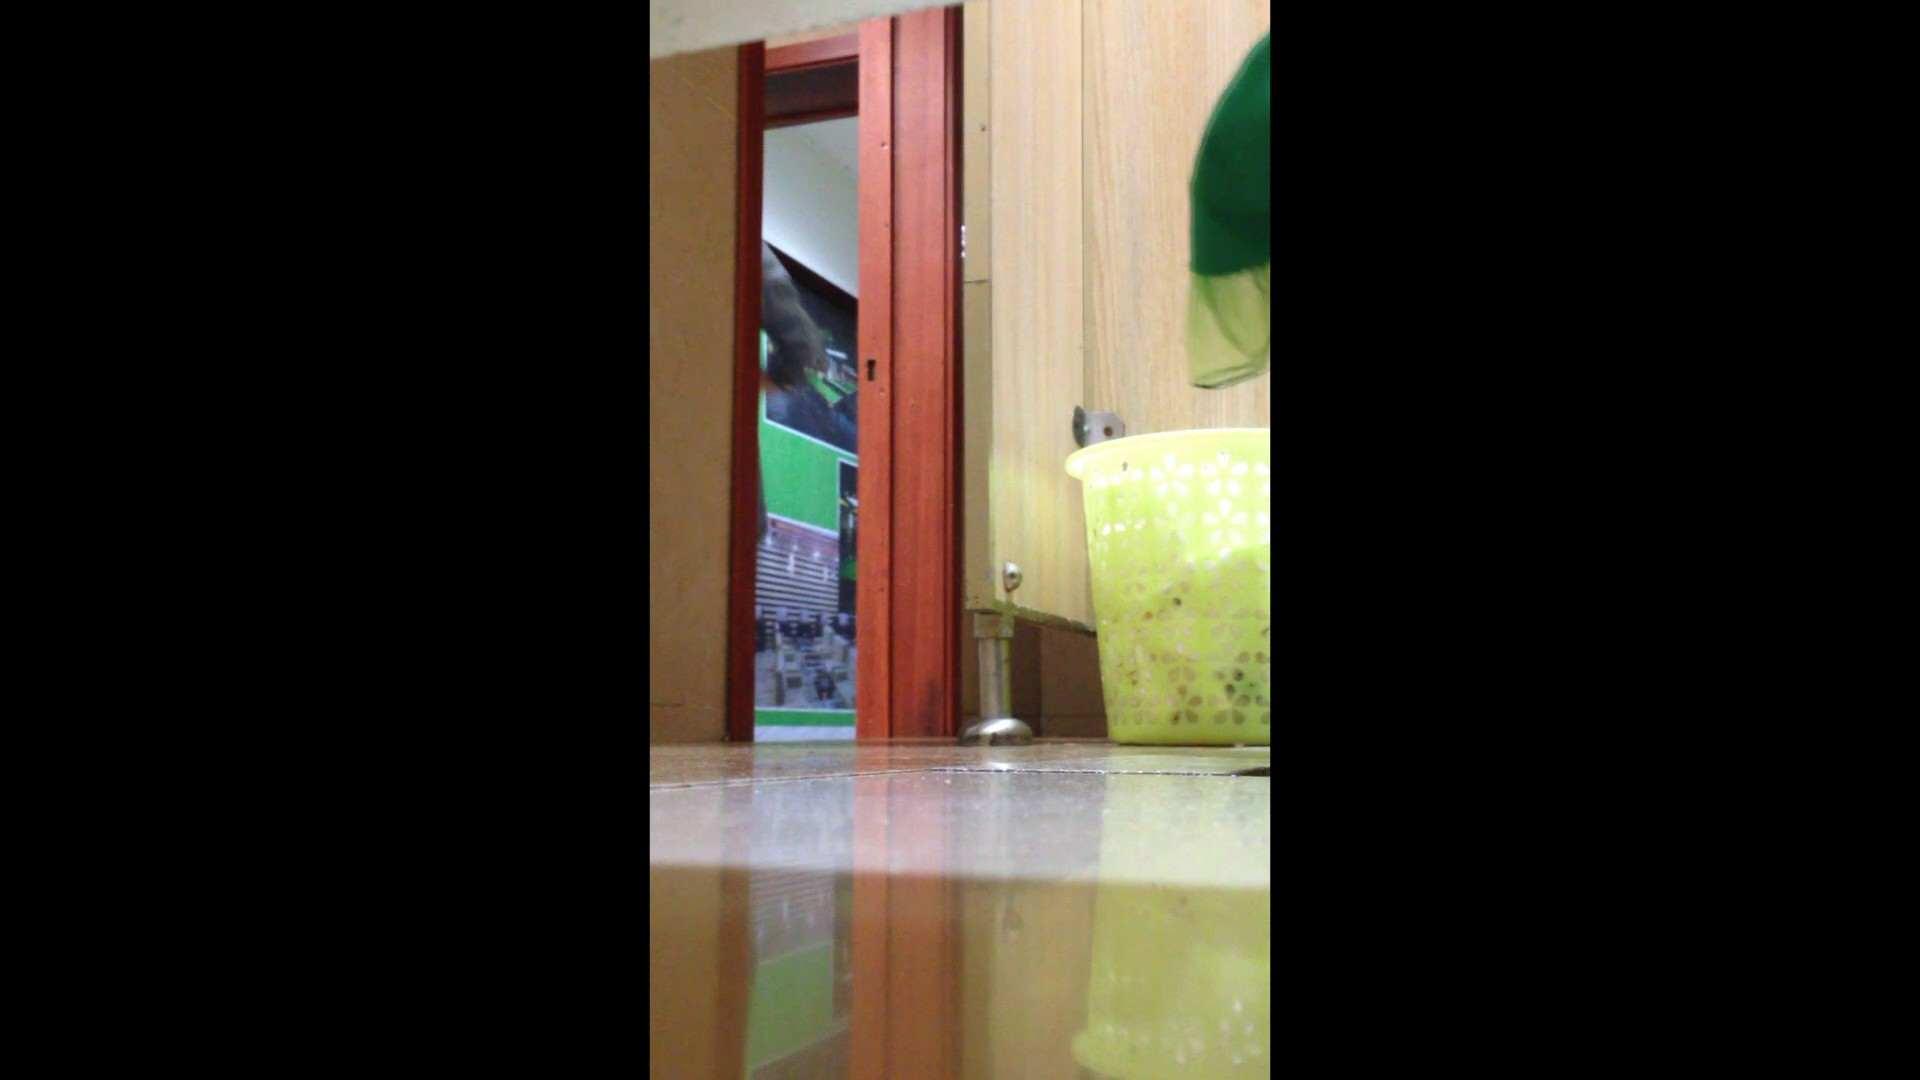 芸術大学ガチ潜入盗撮 JD盗撮 美女の洗面所の秘密 Vol.87 洗面所のぞき AV動画キャプチャ 110枚 6